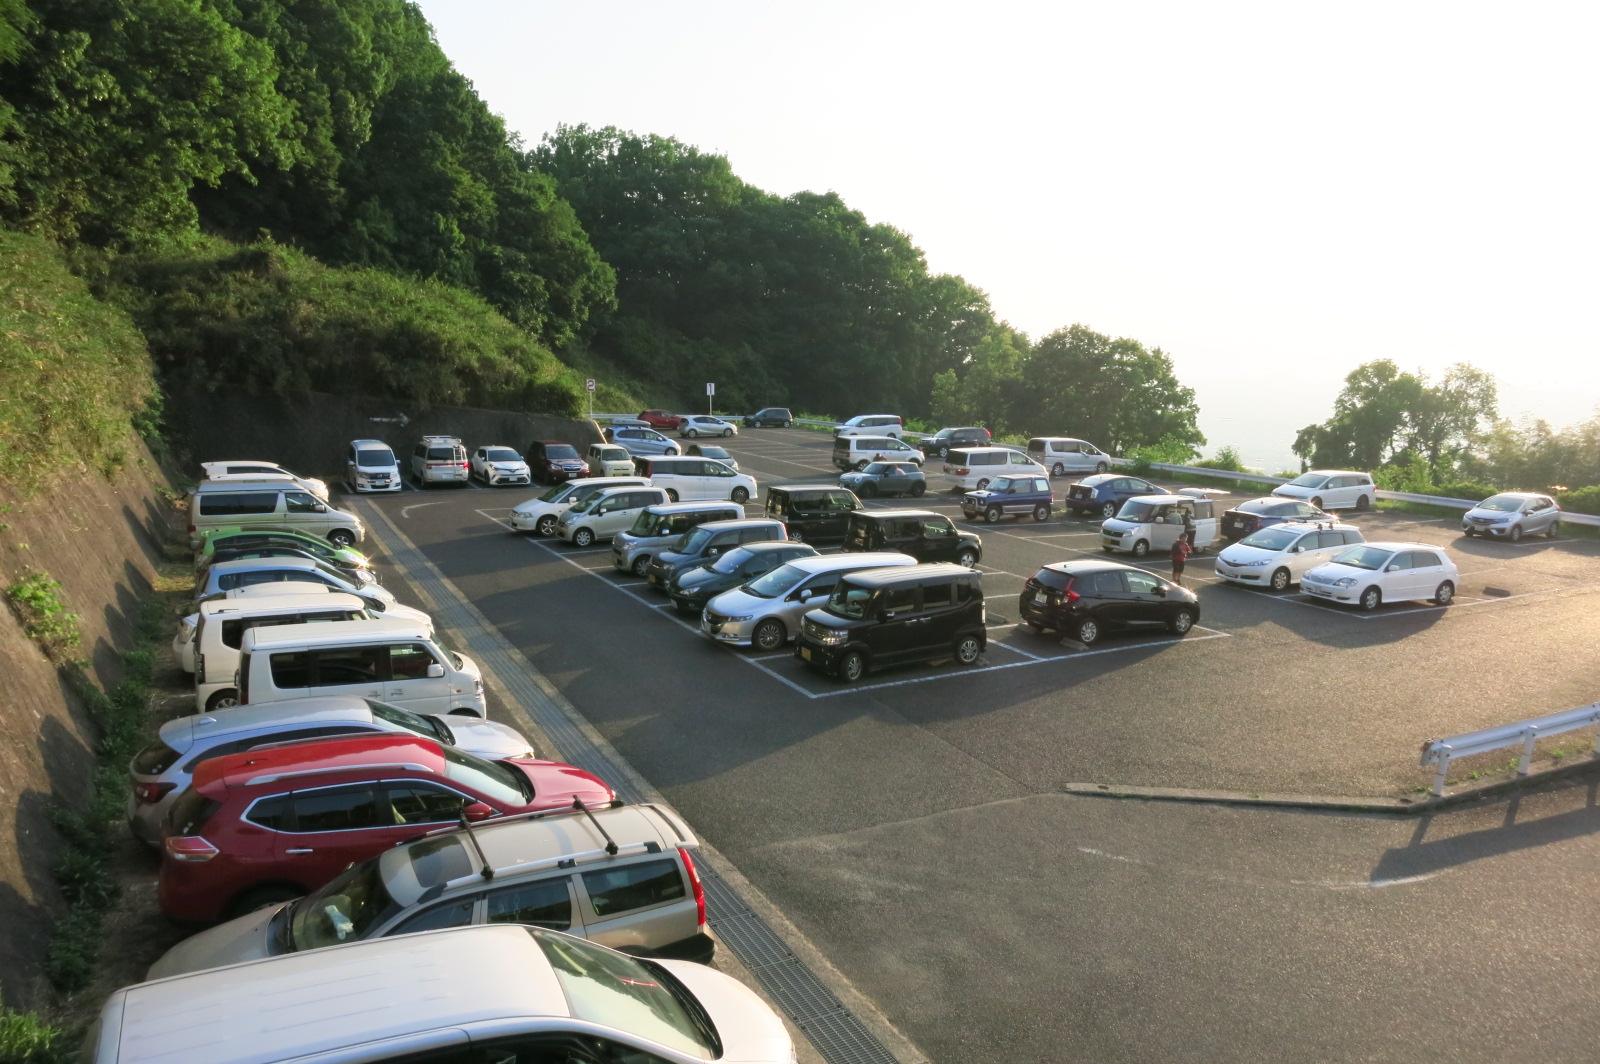 24hいつでも出庫できる最寄の駐車場。朝5:30前ですが、この車の数。さすが人気のお祭です。